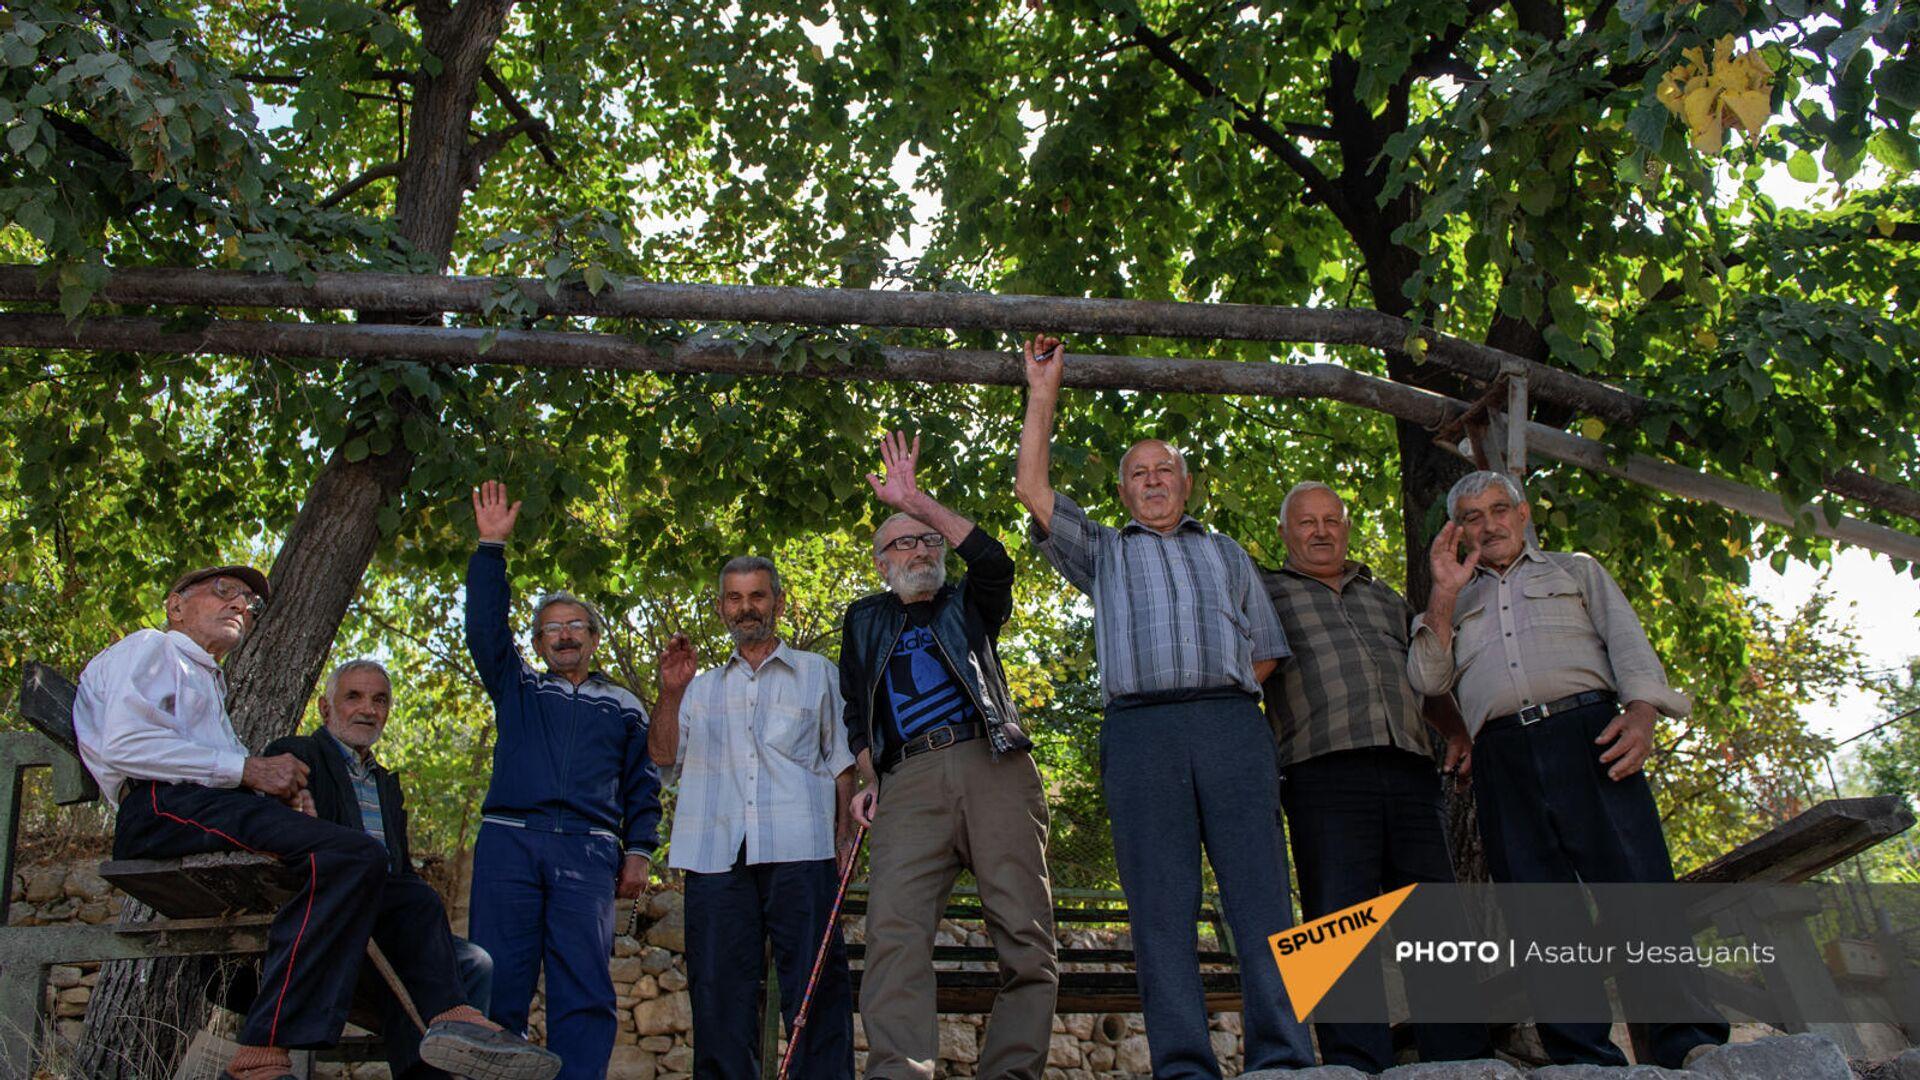 Տավուշի Խաշթառակ գյուղն այսօր - Sputnik Արմենիա, 1920, 26.09.2021